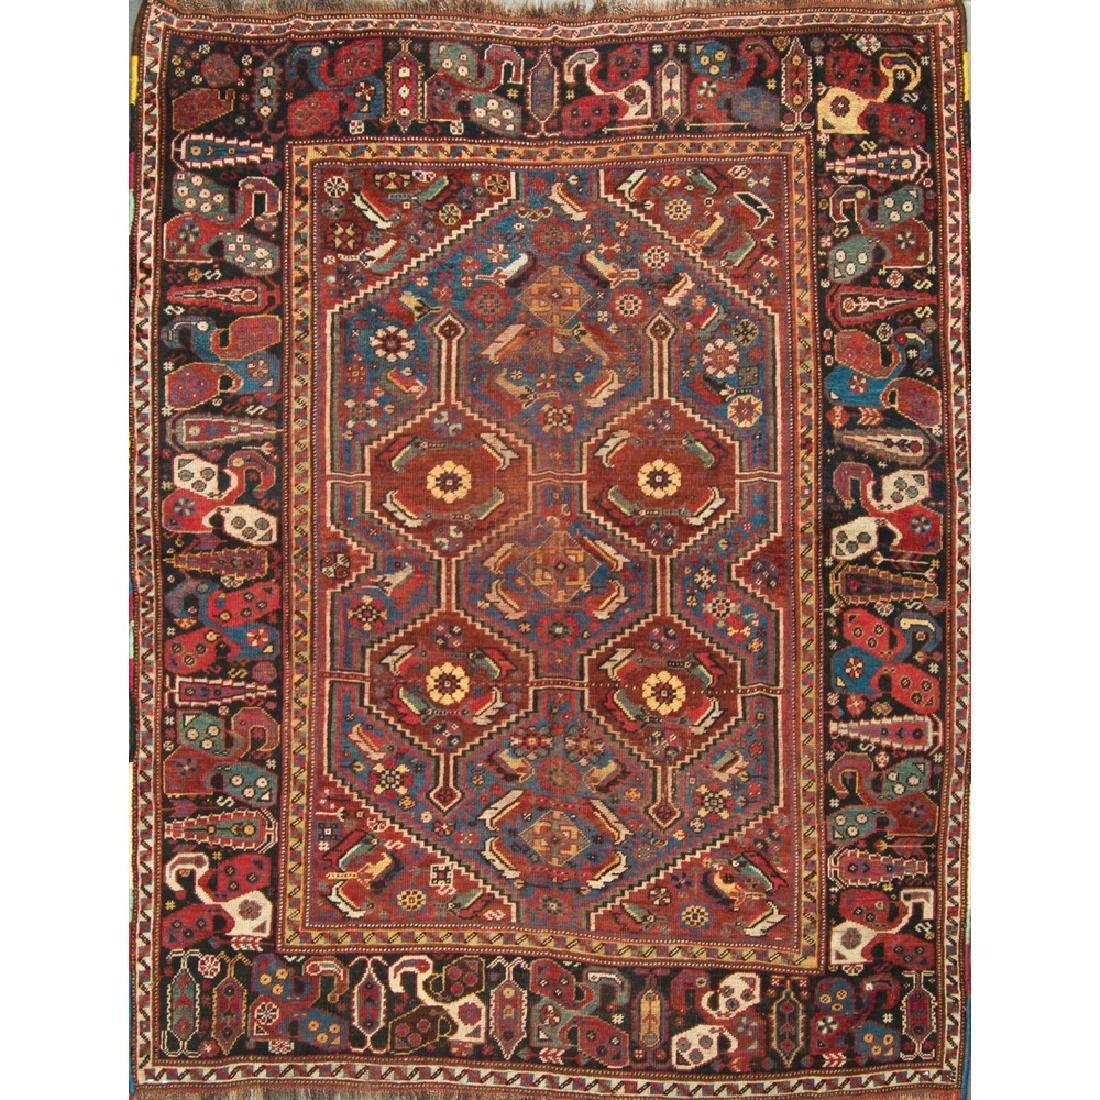 TAPPETO Qashqai, trama ordito e vello in lana. Persia